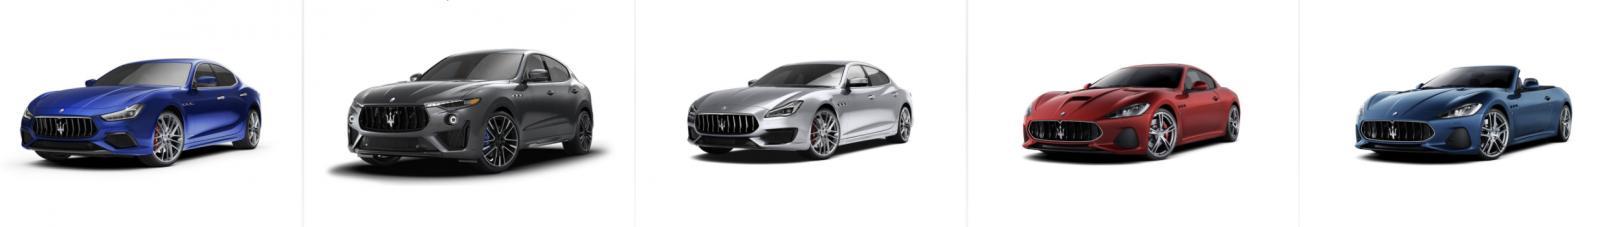 ราคารถ Maserati  - ราคาเเละตารางผ่อนดาวน์ Maserati ล่าสุด 2020